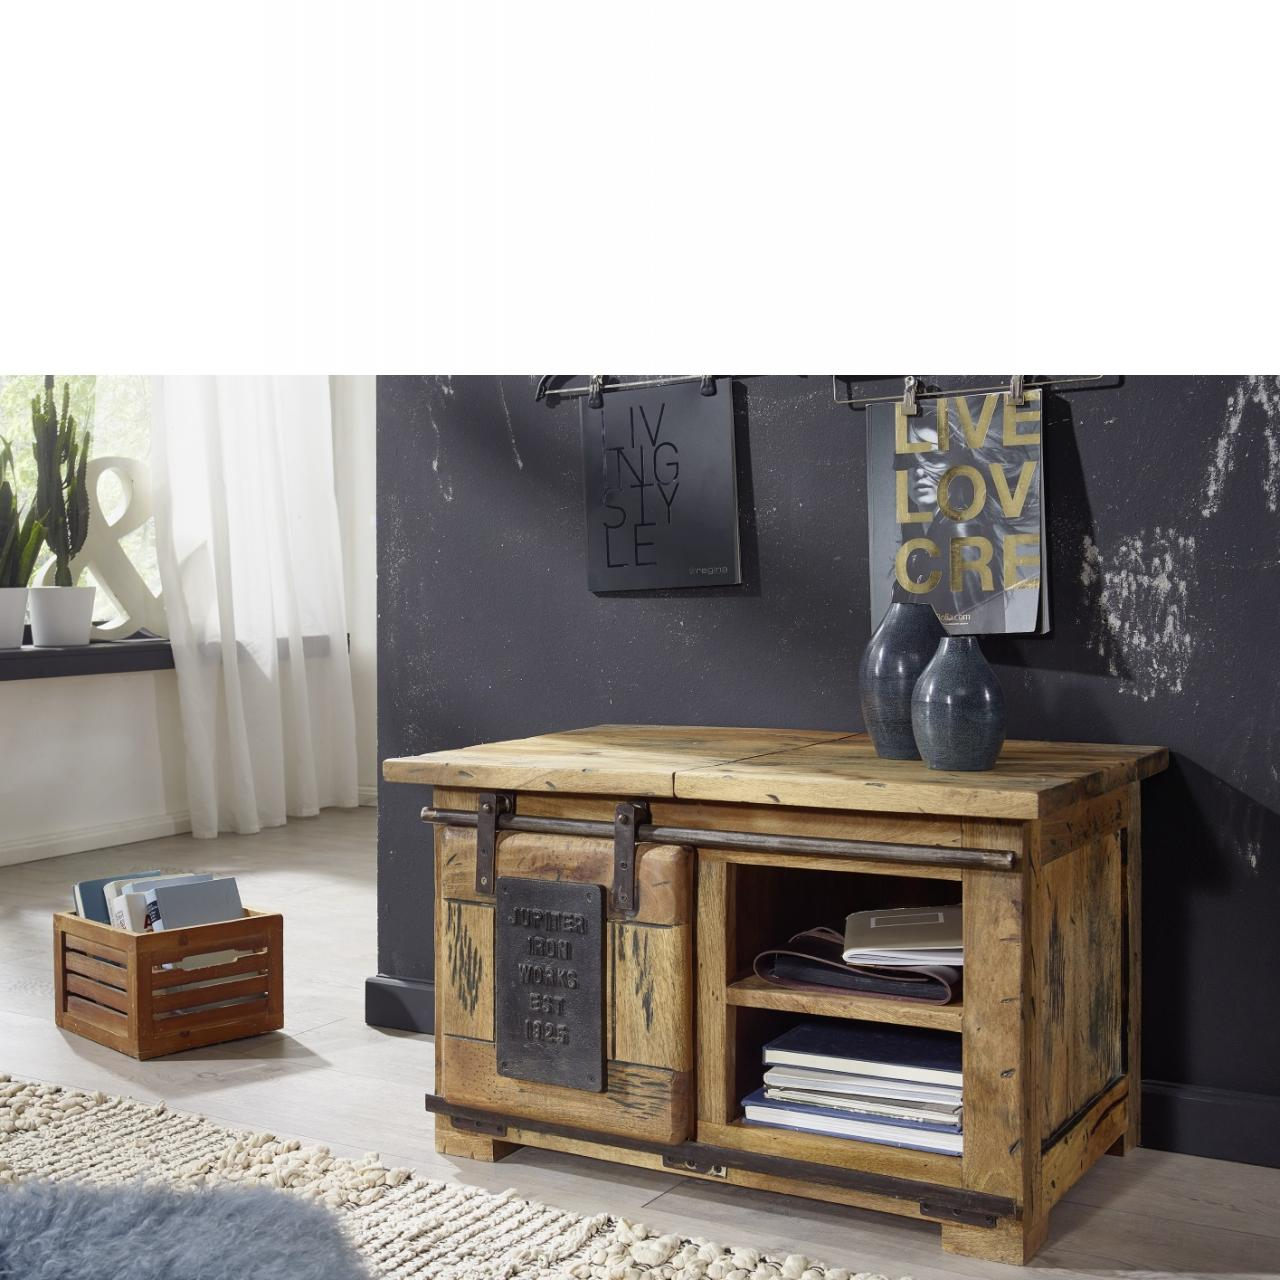 Truhe WZ-0480 Mango Holz massiv rustikal Eisen Rolltür offene Fächer TV Möbel